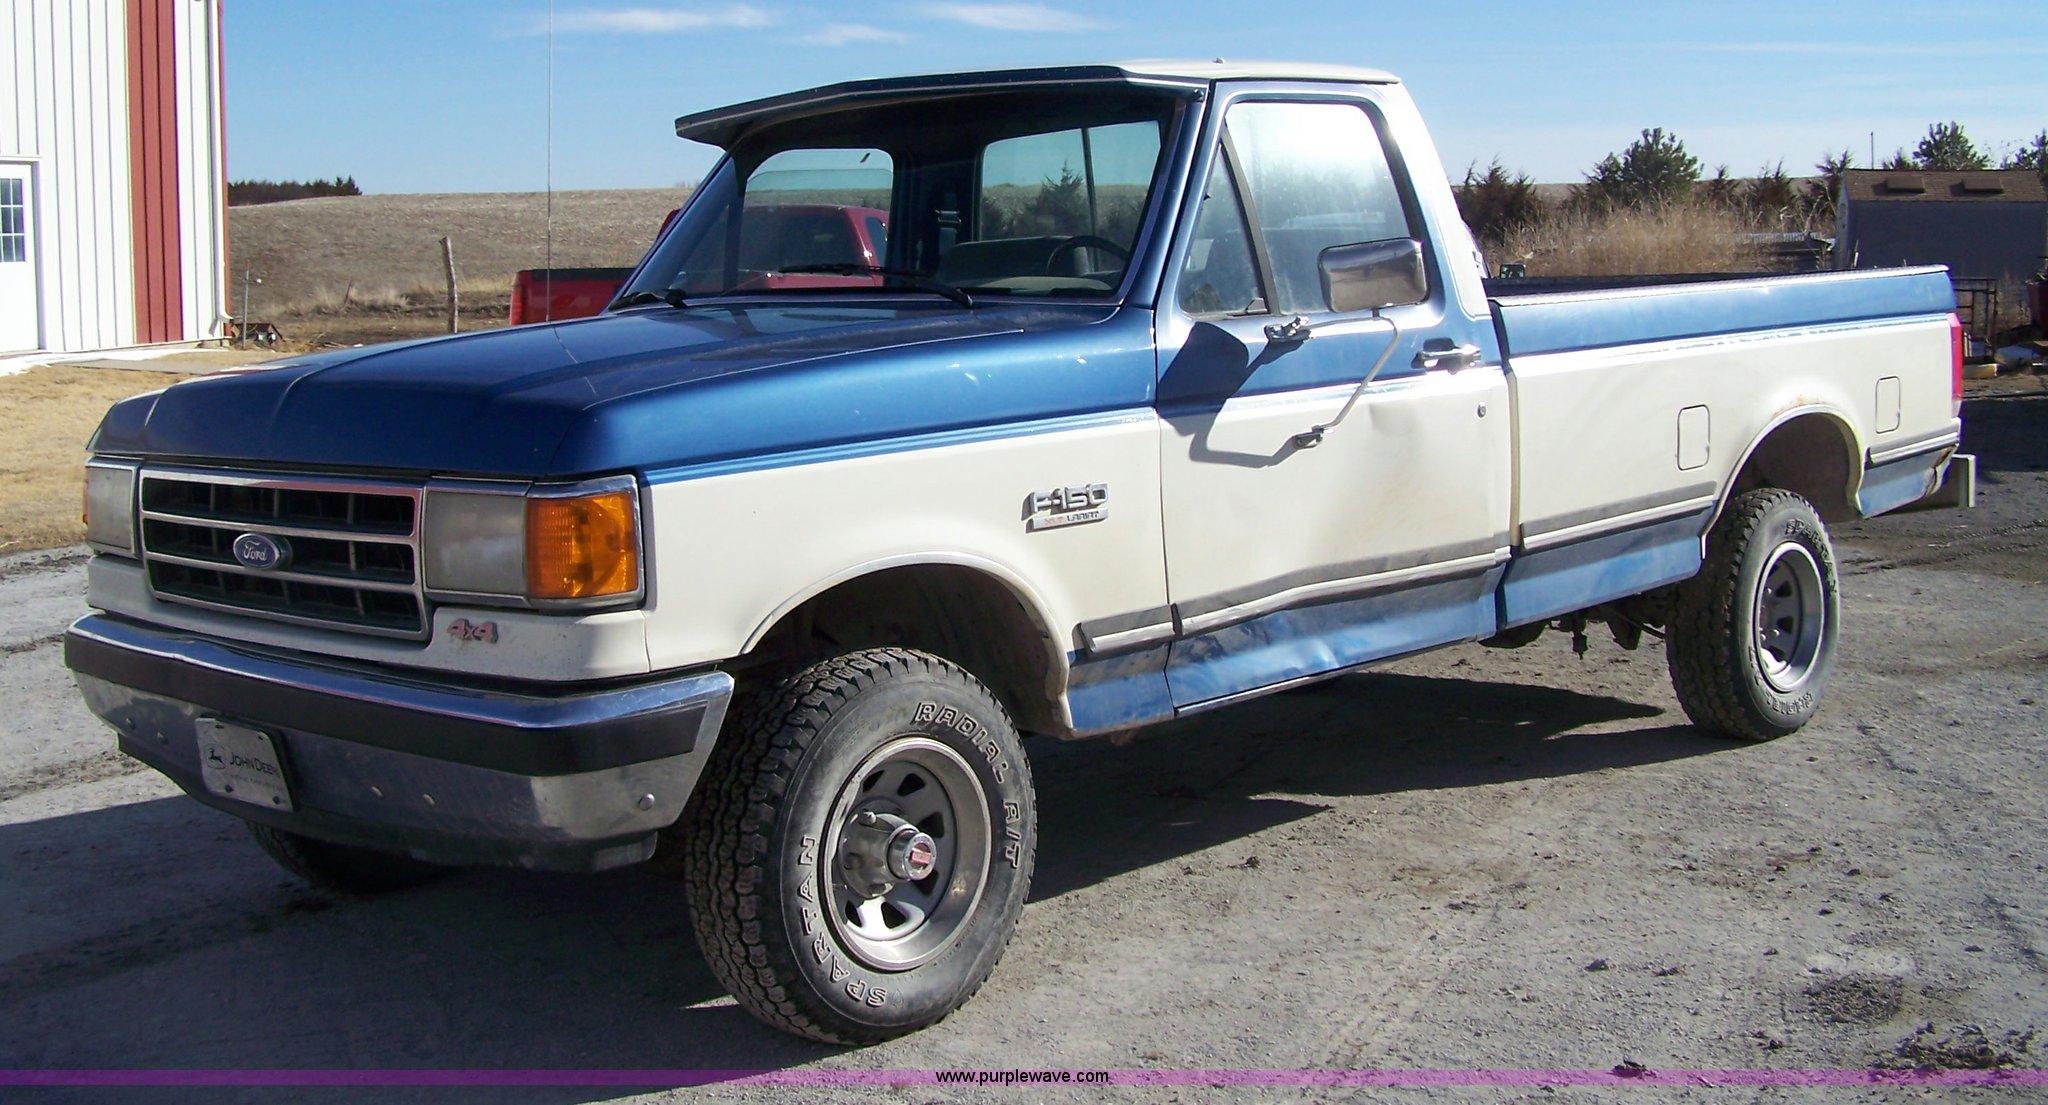 1990 ford f150 xlt lariat pickup truck item 7316 sold m. Black Bedroom Furniture Sets. Home Design Ideas